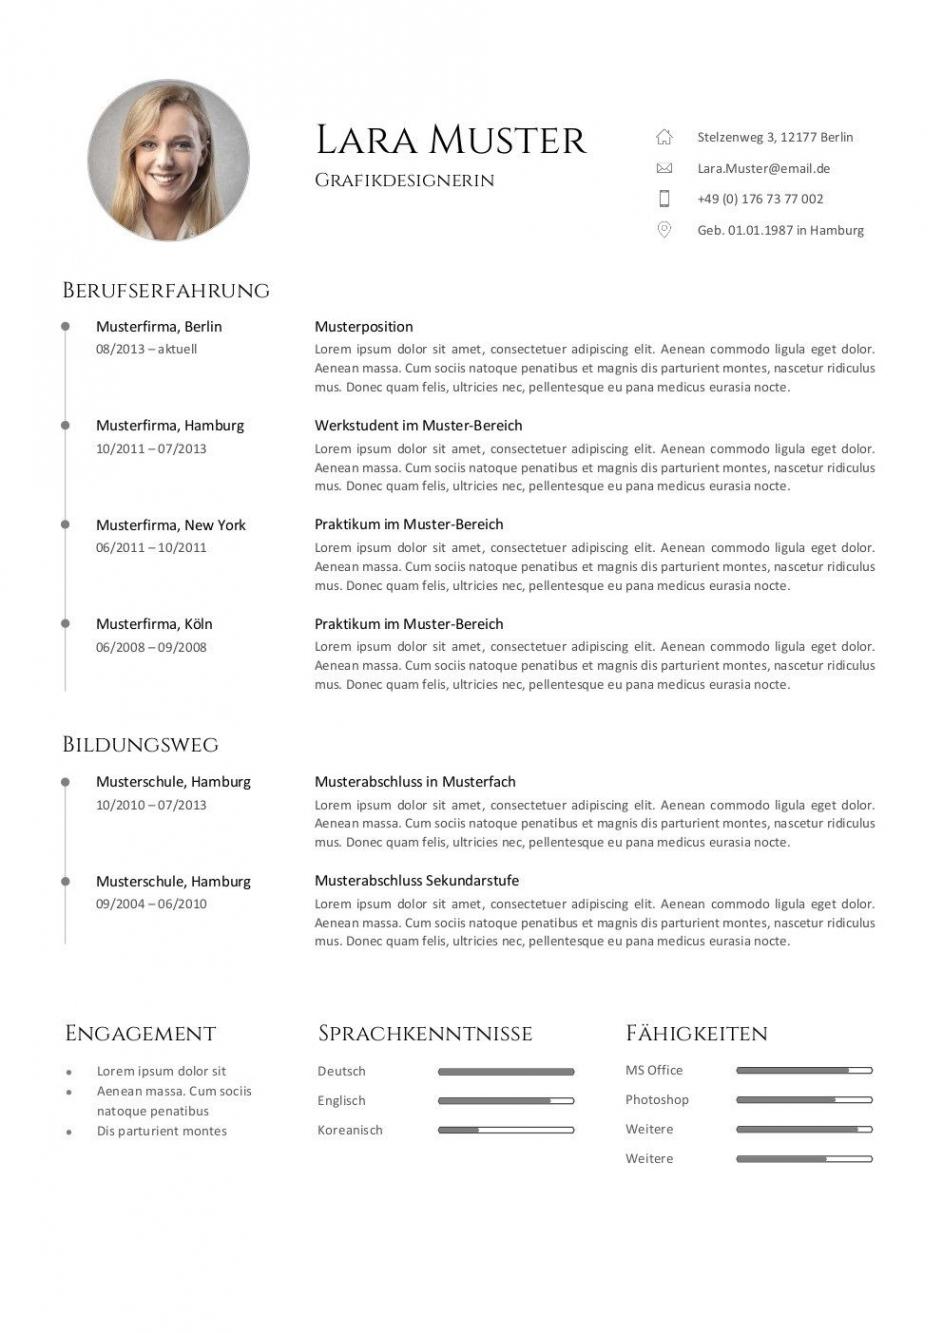 Porbe von  Bewerbungsvorlagen  77 Muster Für Die Bewerbung 2019  Career Tabellarischer Lebenslauf Vorlage Pages Mac